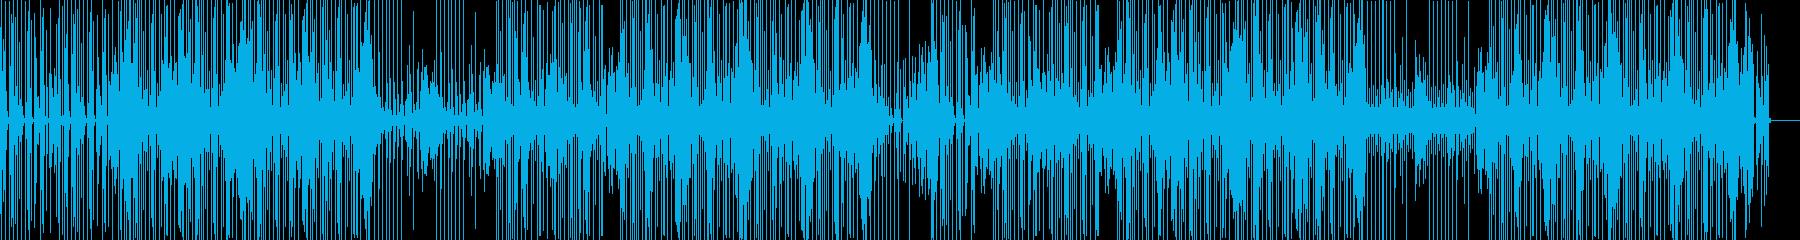 クールでゆったりなヒップホップBGMの再生済みの波形